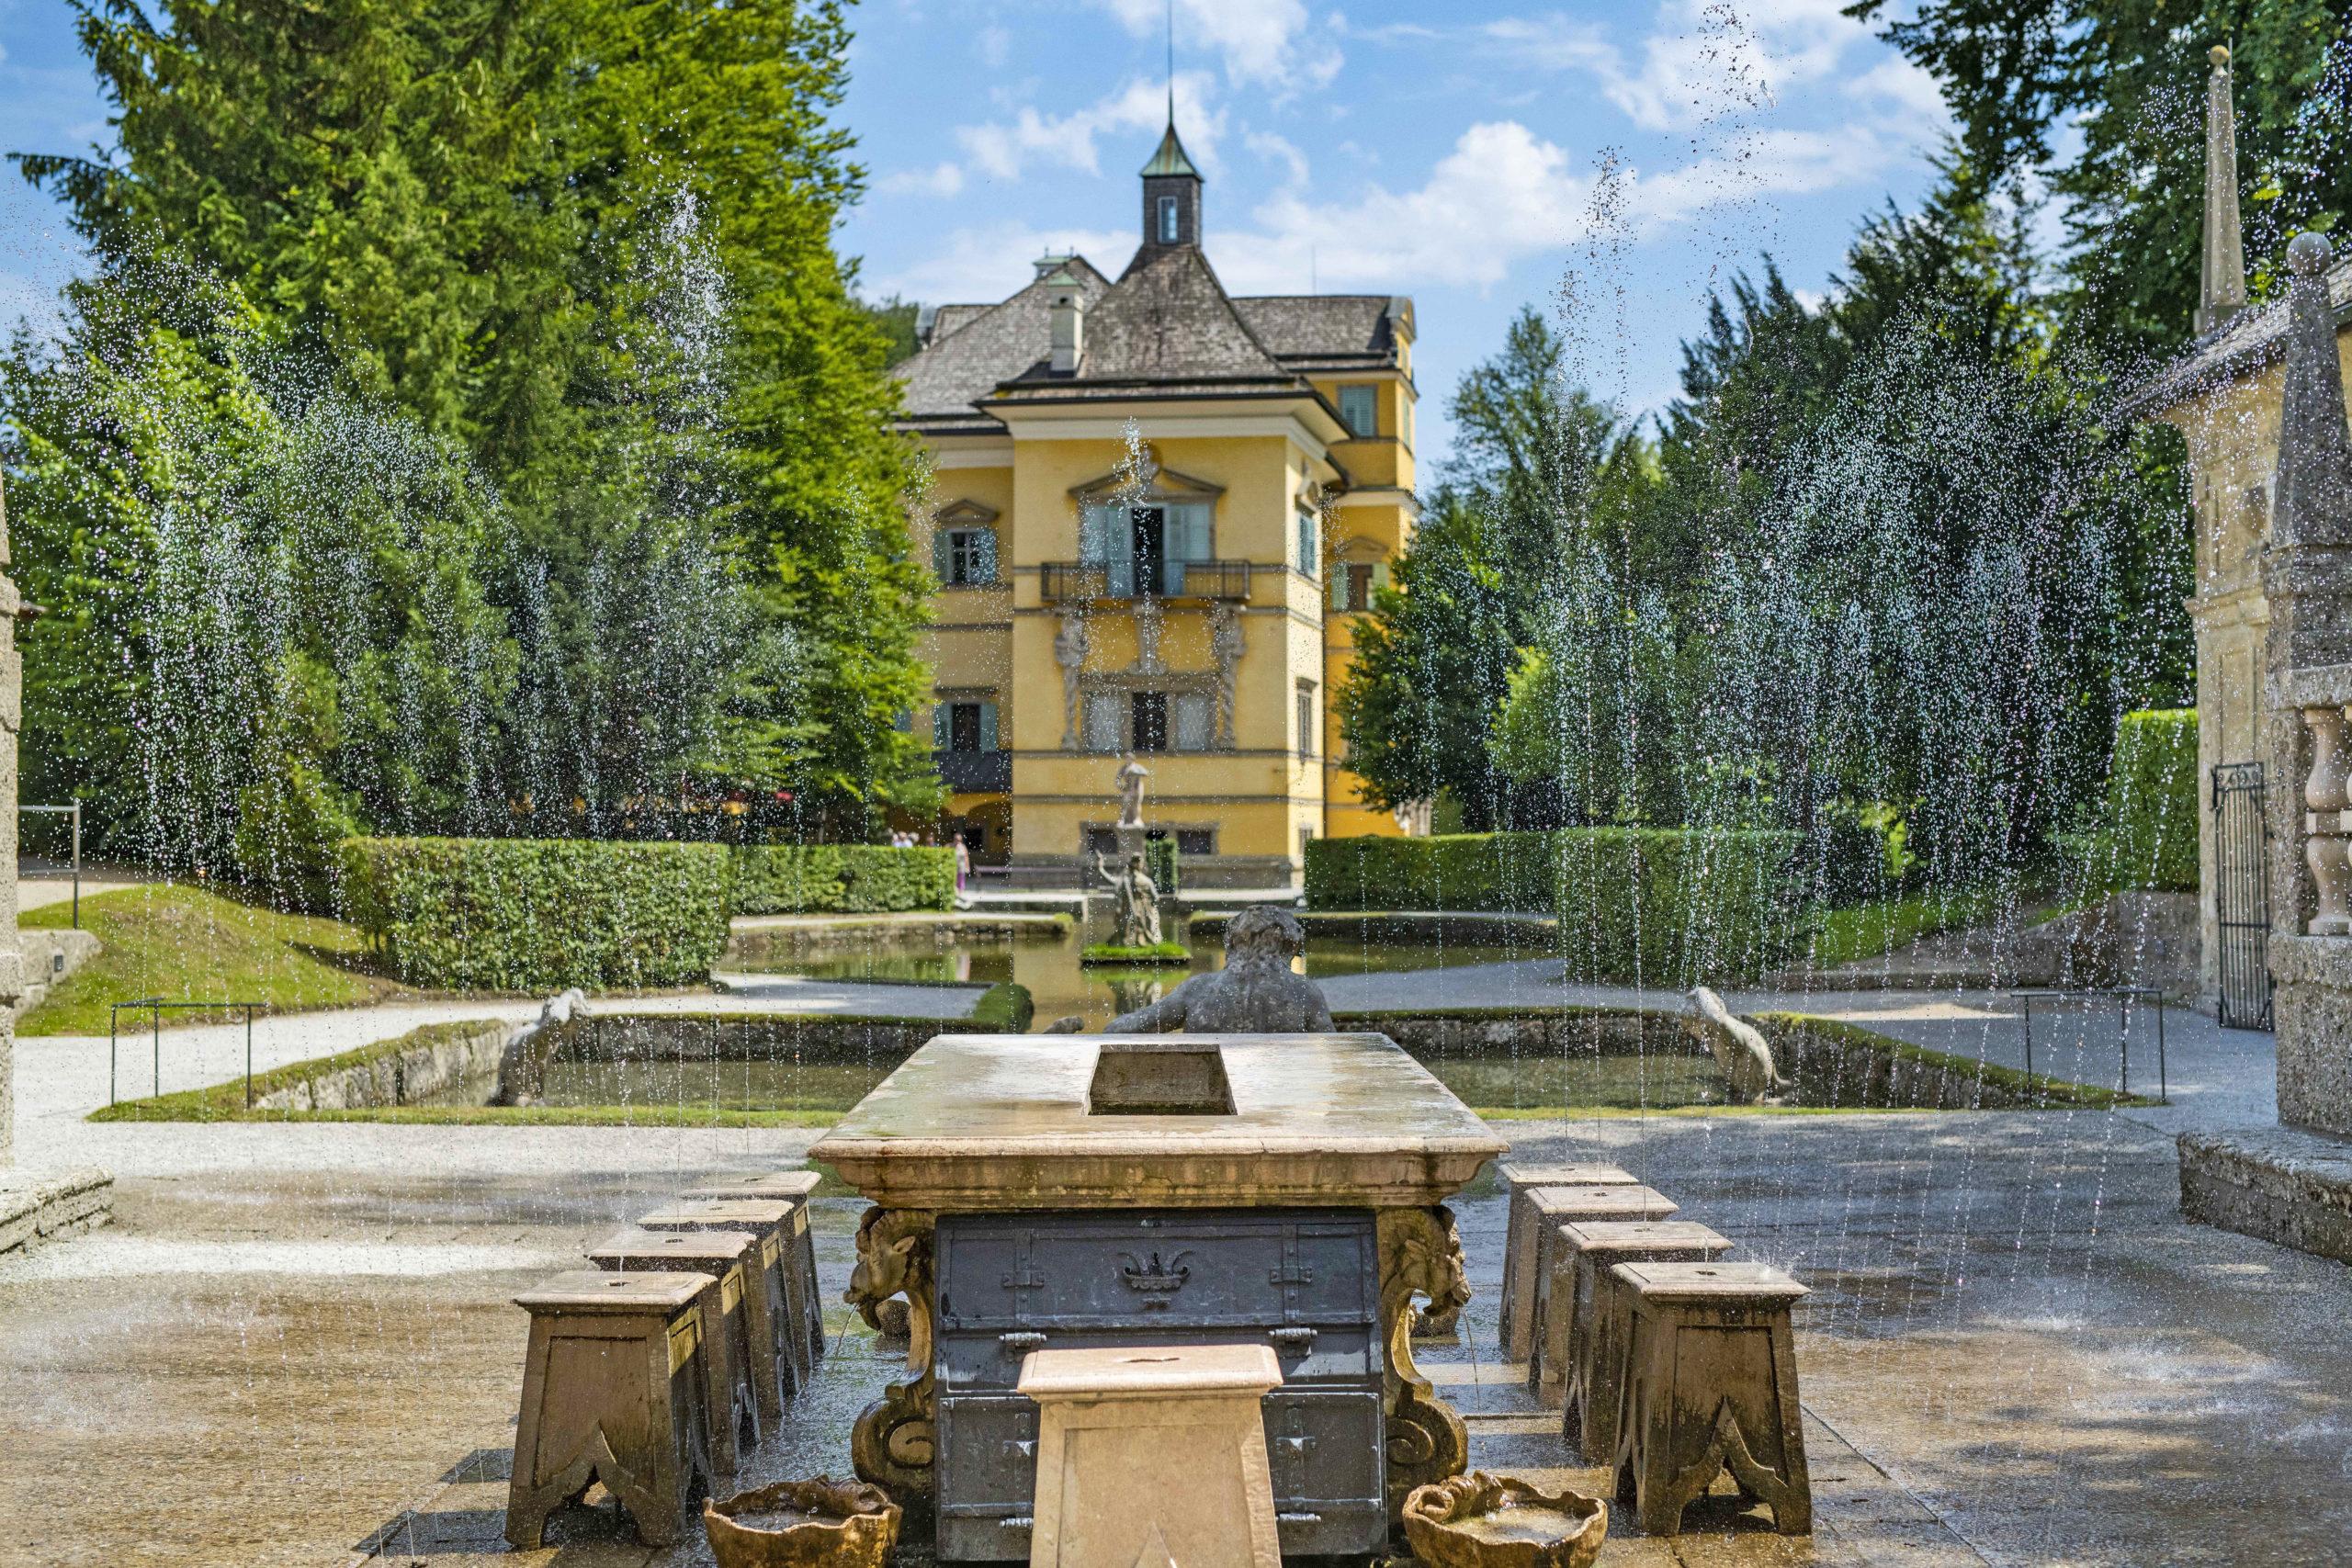 Wasserspiele am Rande der Mozartstadt